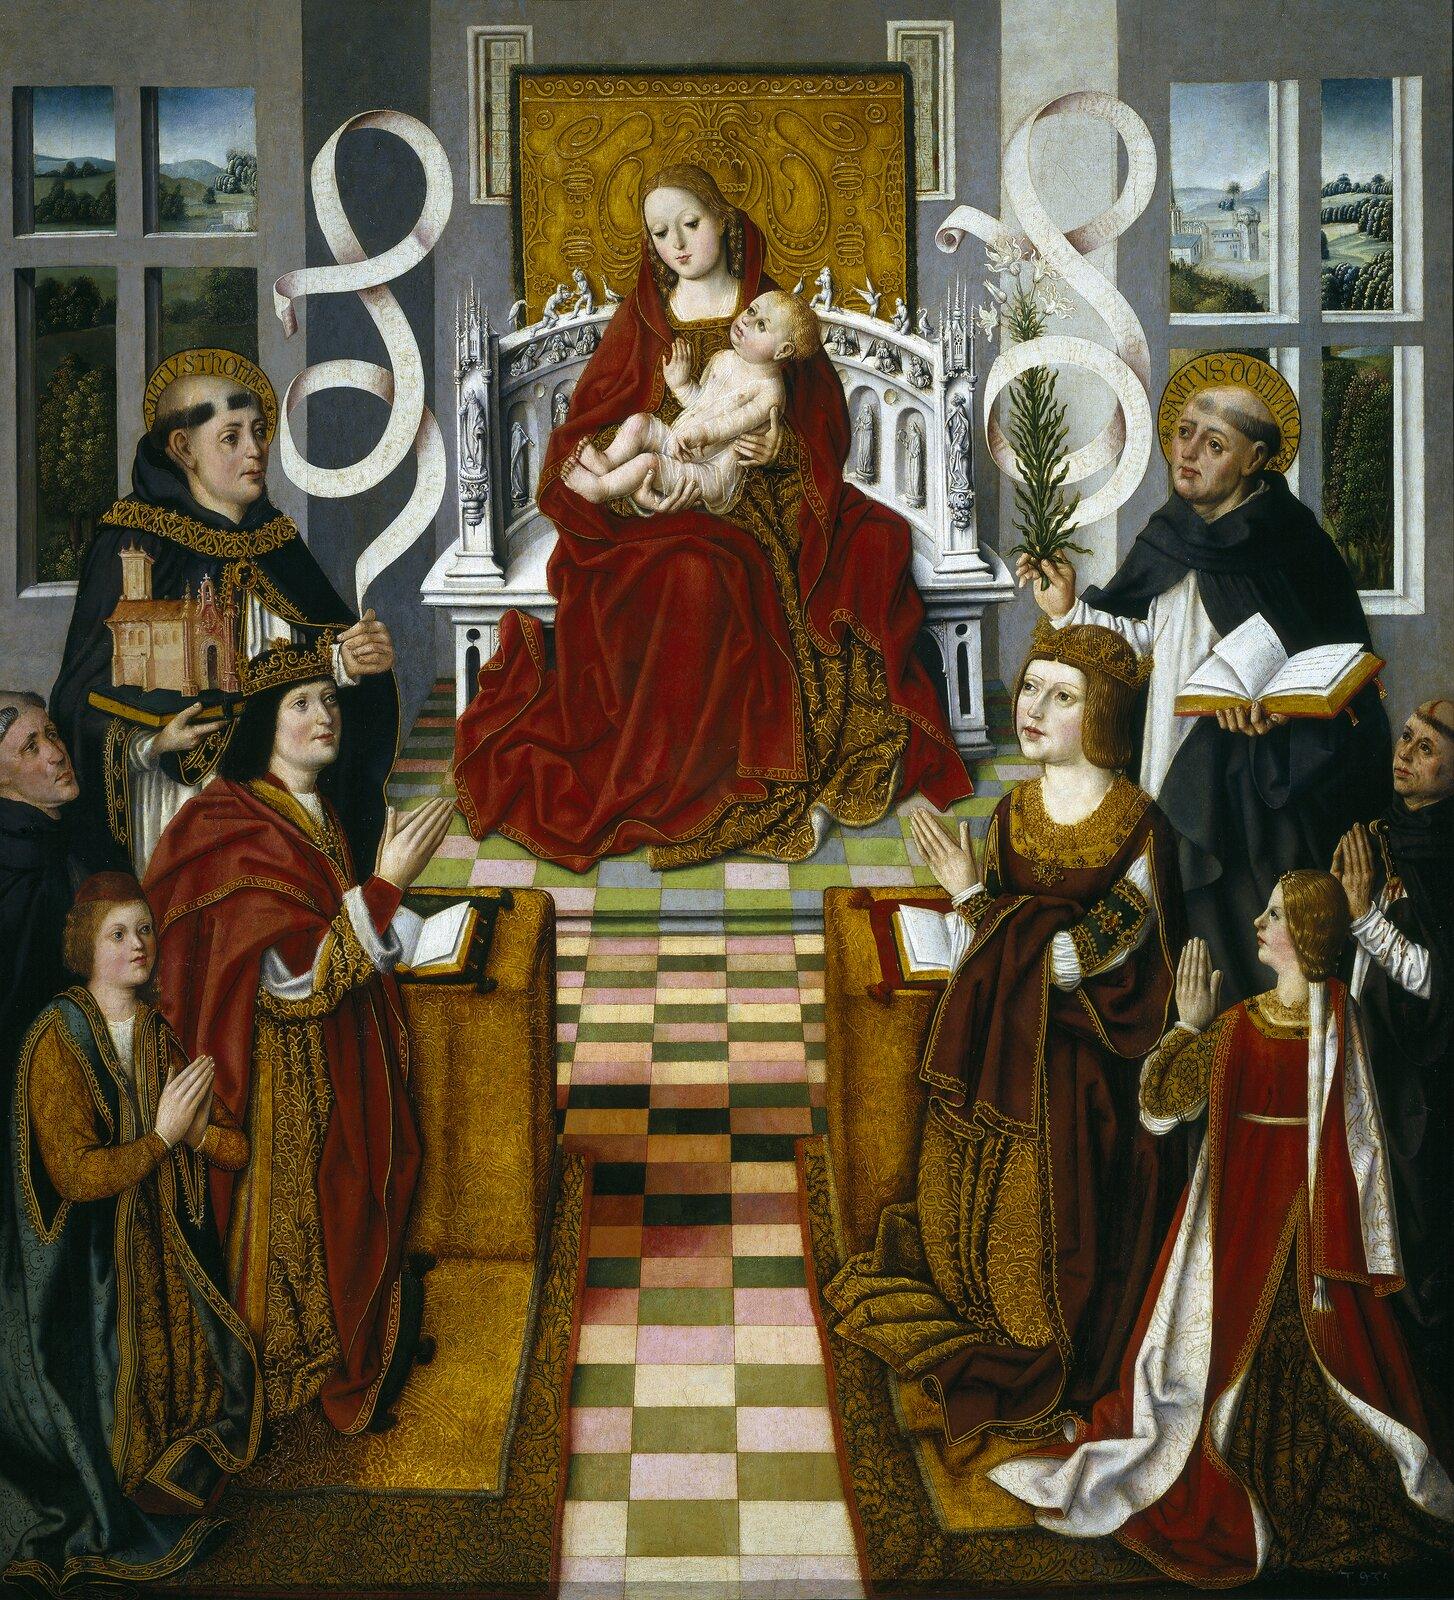 Izabela Kastylijska iFerdynand Aragoński Źródło: Maestro de la Virgen de los Reyes Católicos, Izabela Kastylijska iFerdynand Aragoński, 1491-1493, Prado, Madryt, domena publiczna.